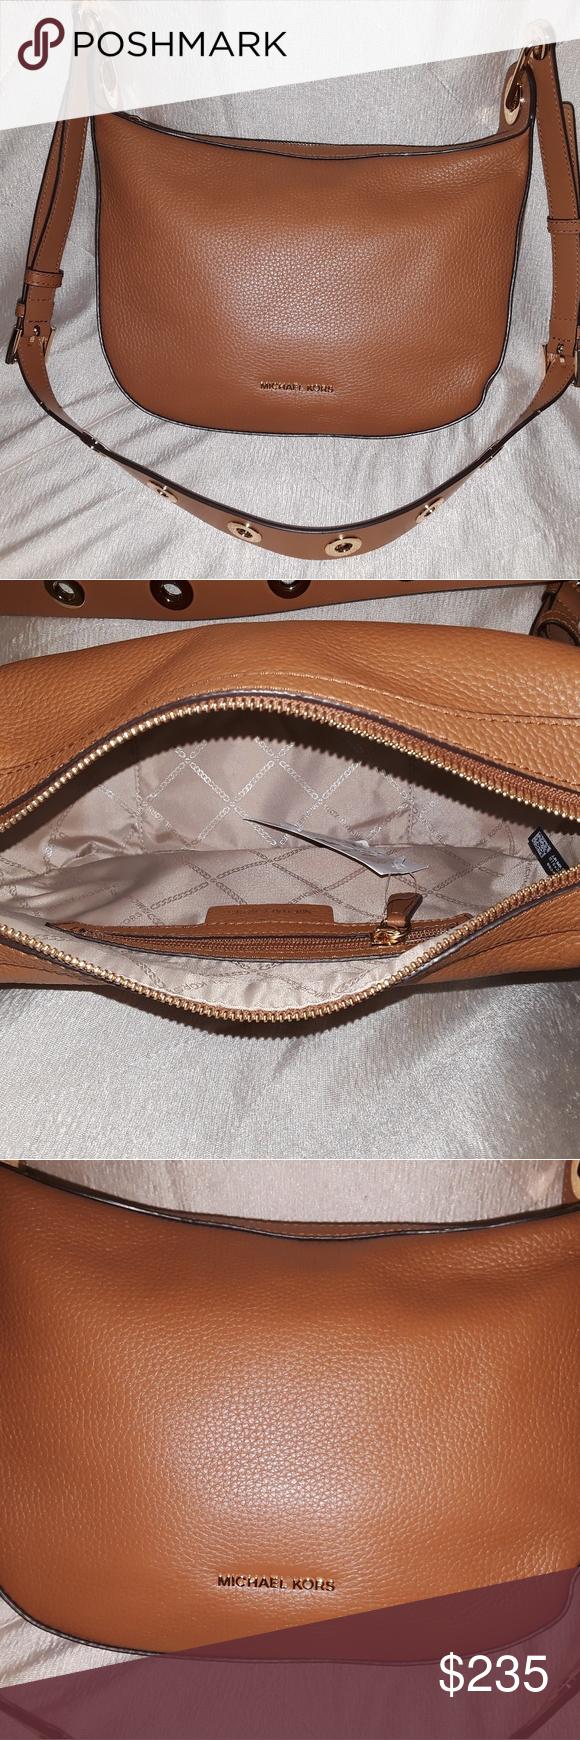 ecf2eba8b7b7 NEW Michael Kors Barlow Medium Leather Crossbody B NEW Michael Kors Barlow  Medium Leather Crossbody Bag